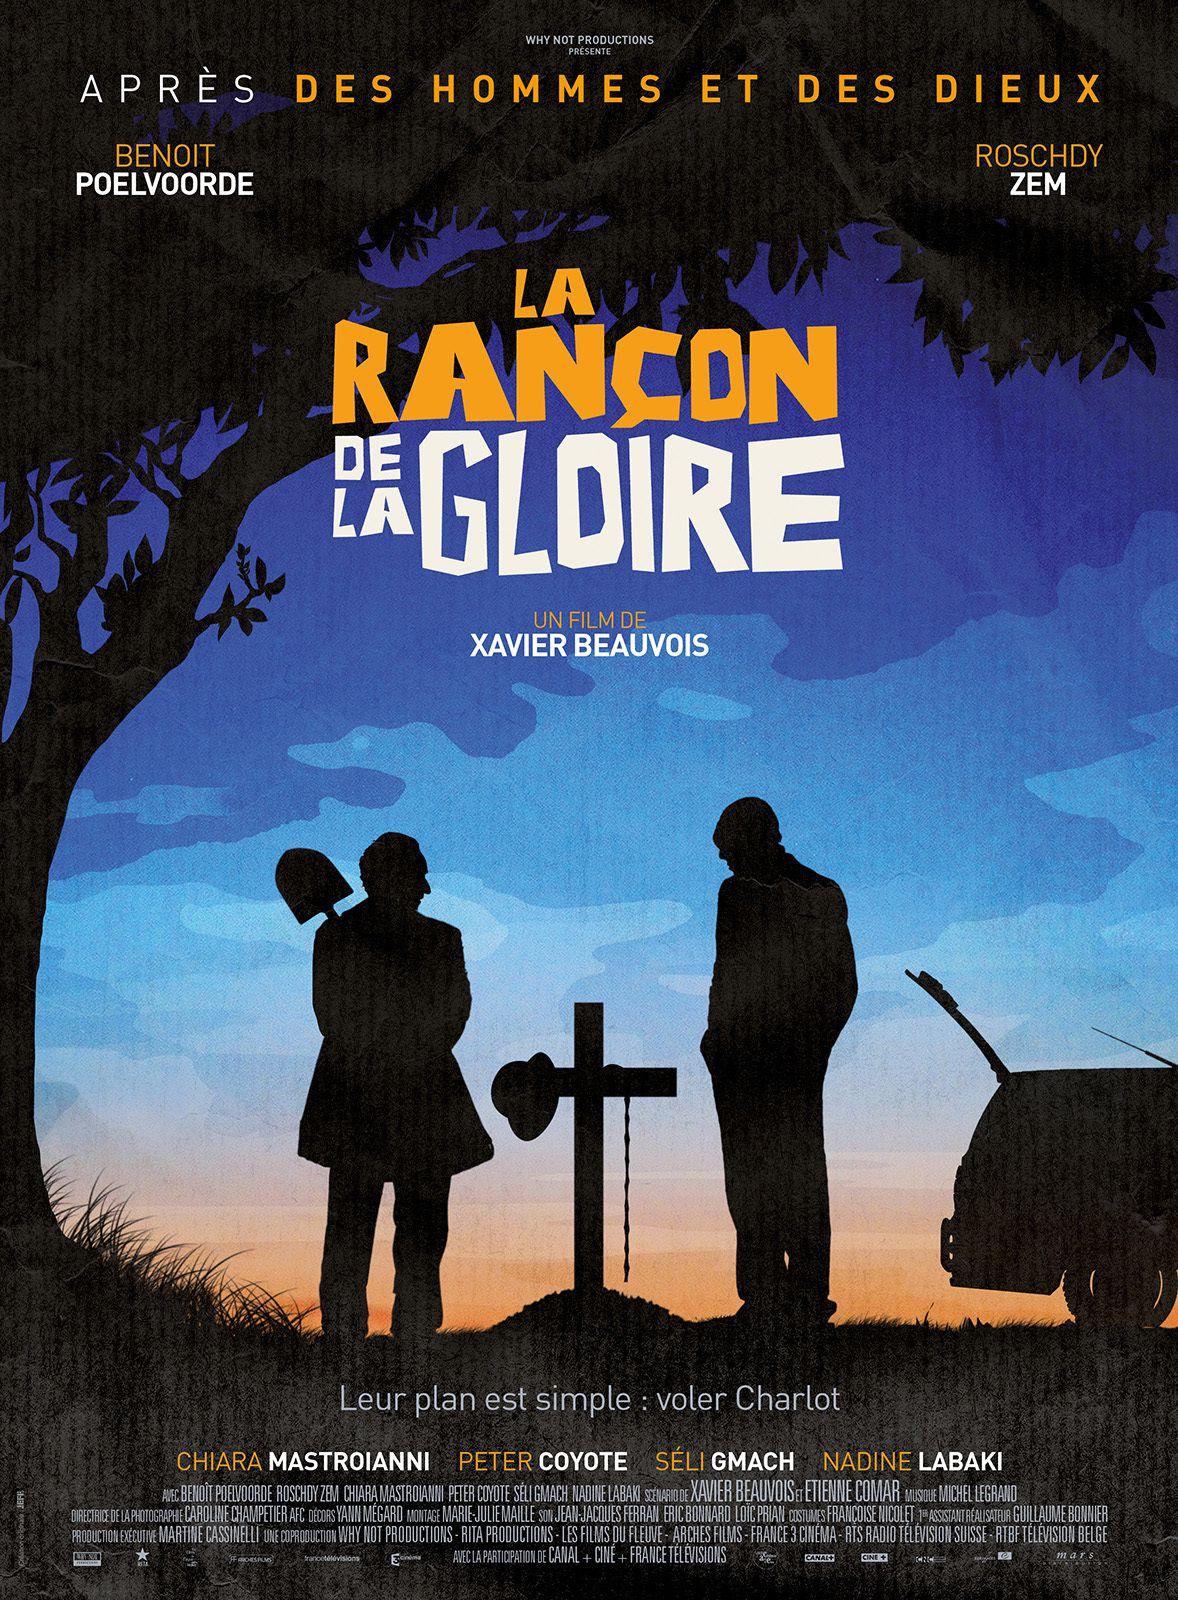 La Rançon de la gloire - Film (2015)